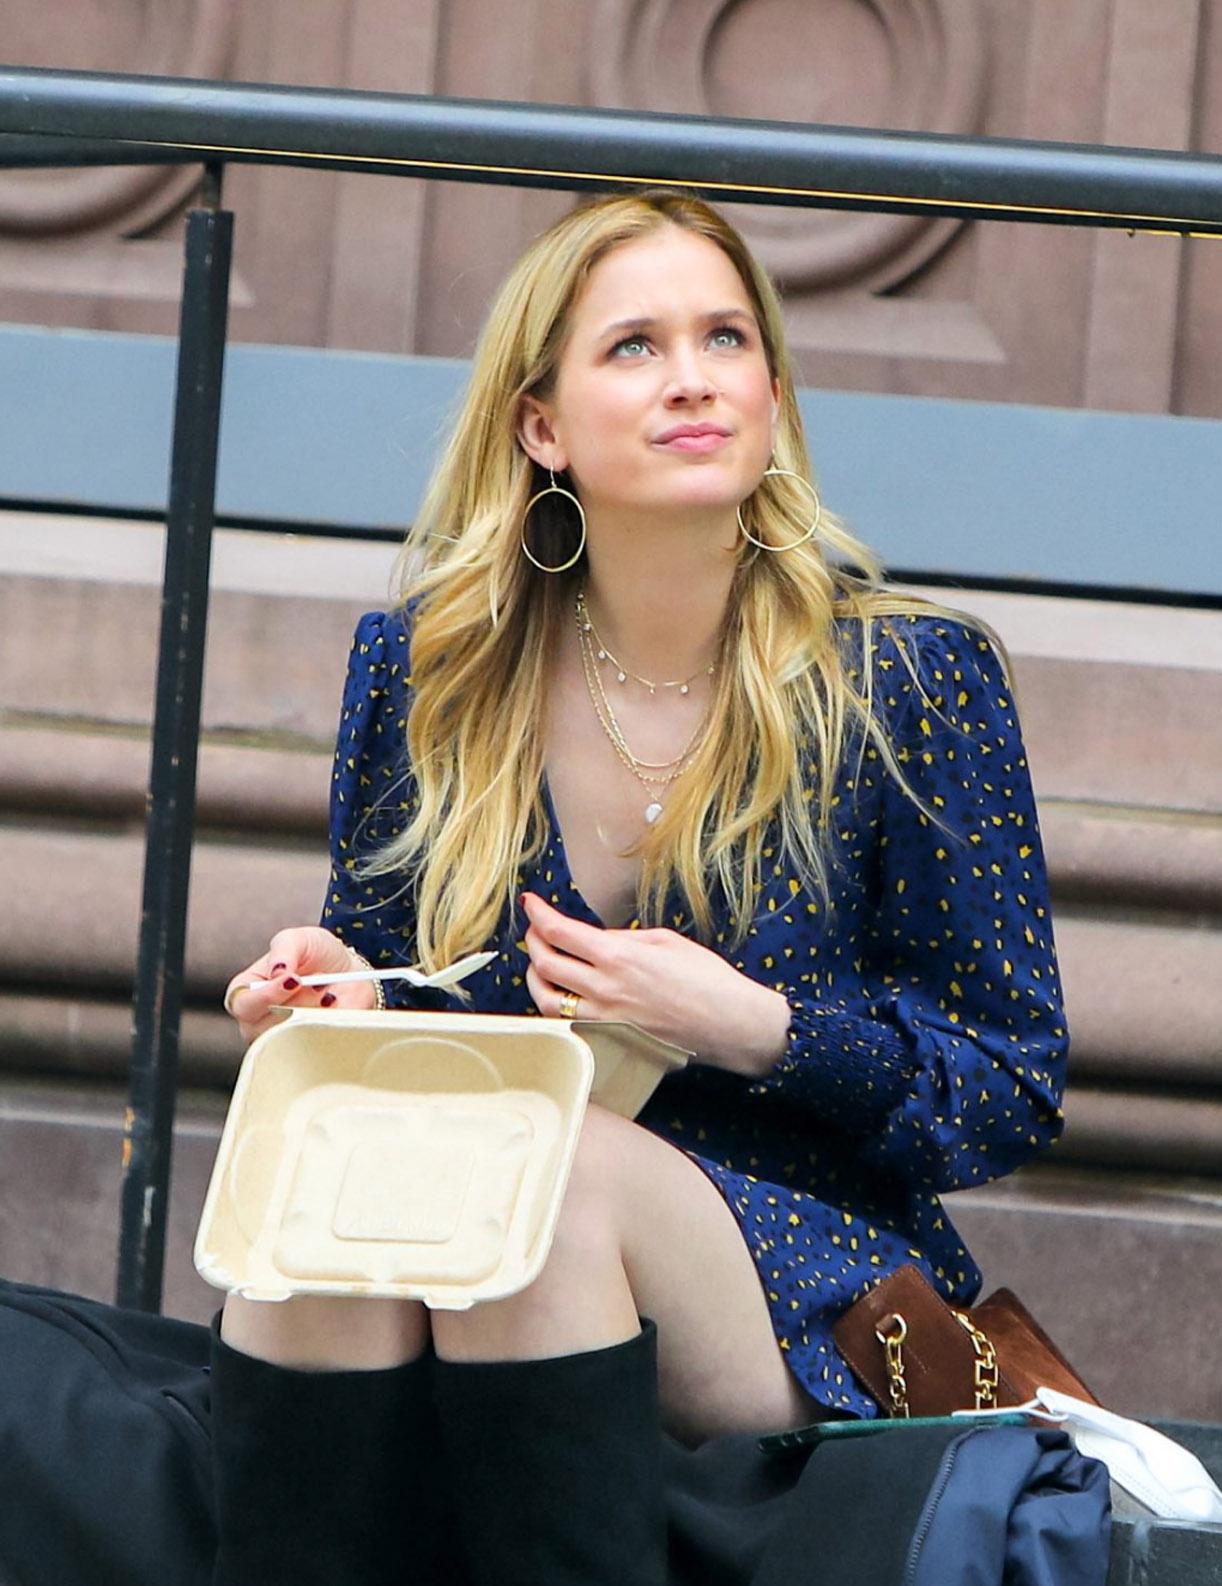 Elizabeth Lail tar en kjapp lunsj under shooten (Jose Perez/Bauer-Griffin/Getty)